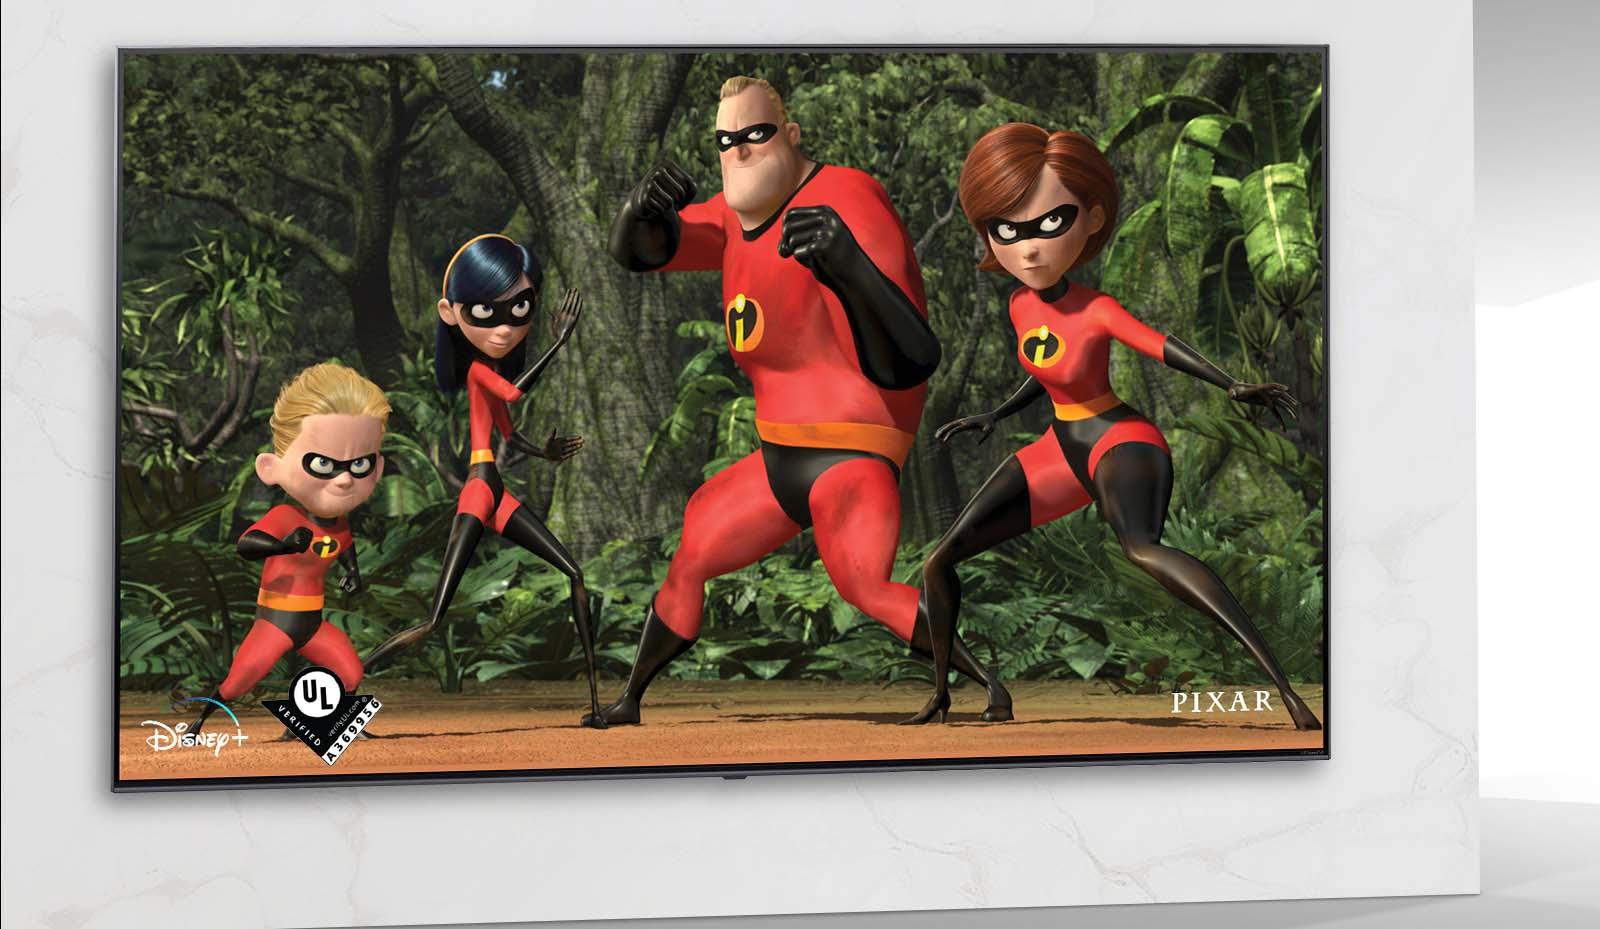 Una imagen de Los increíbles de Pixar en la pantalla del TV